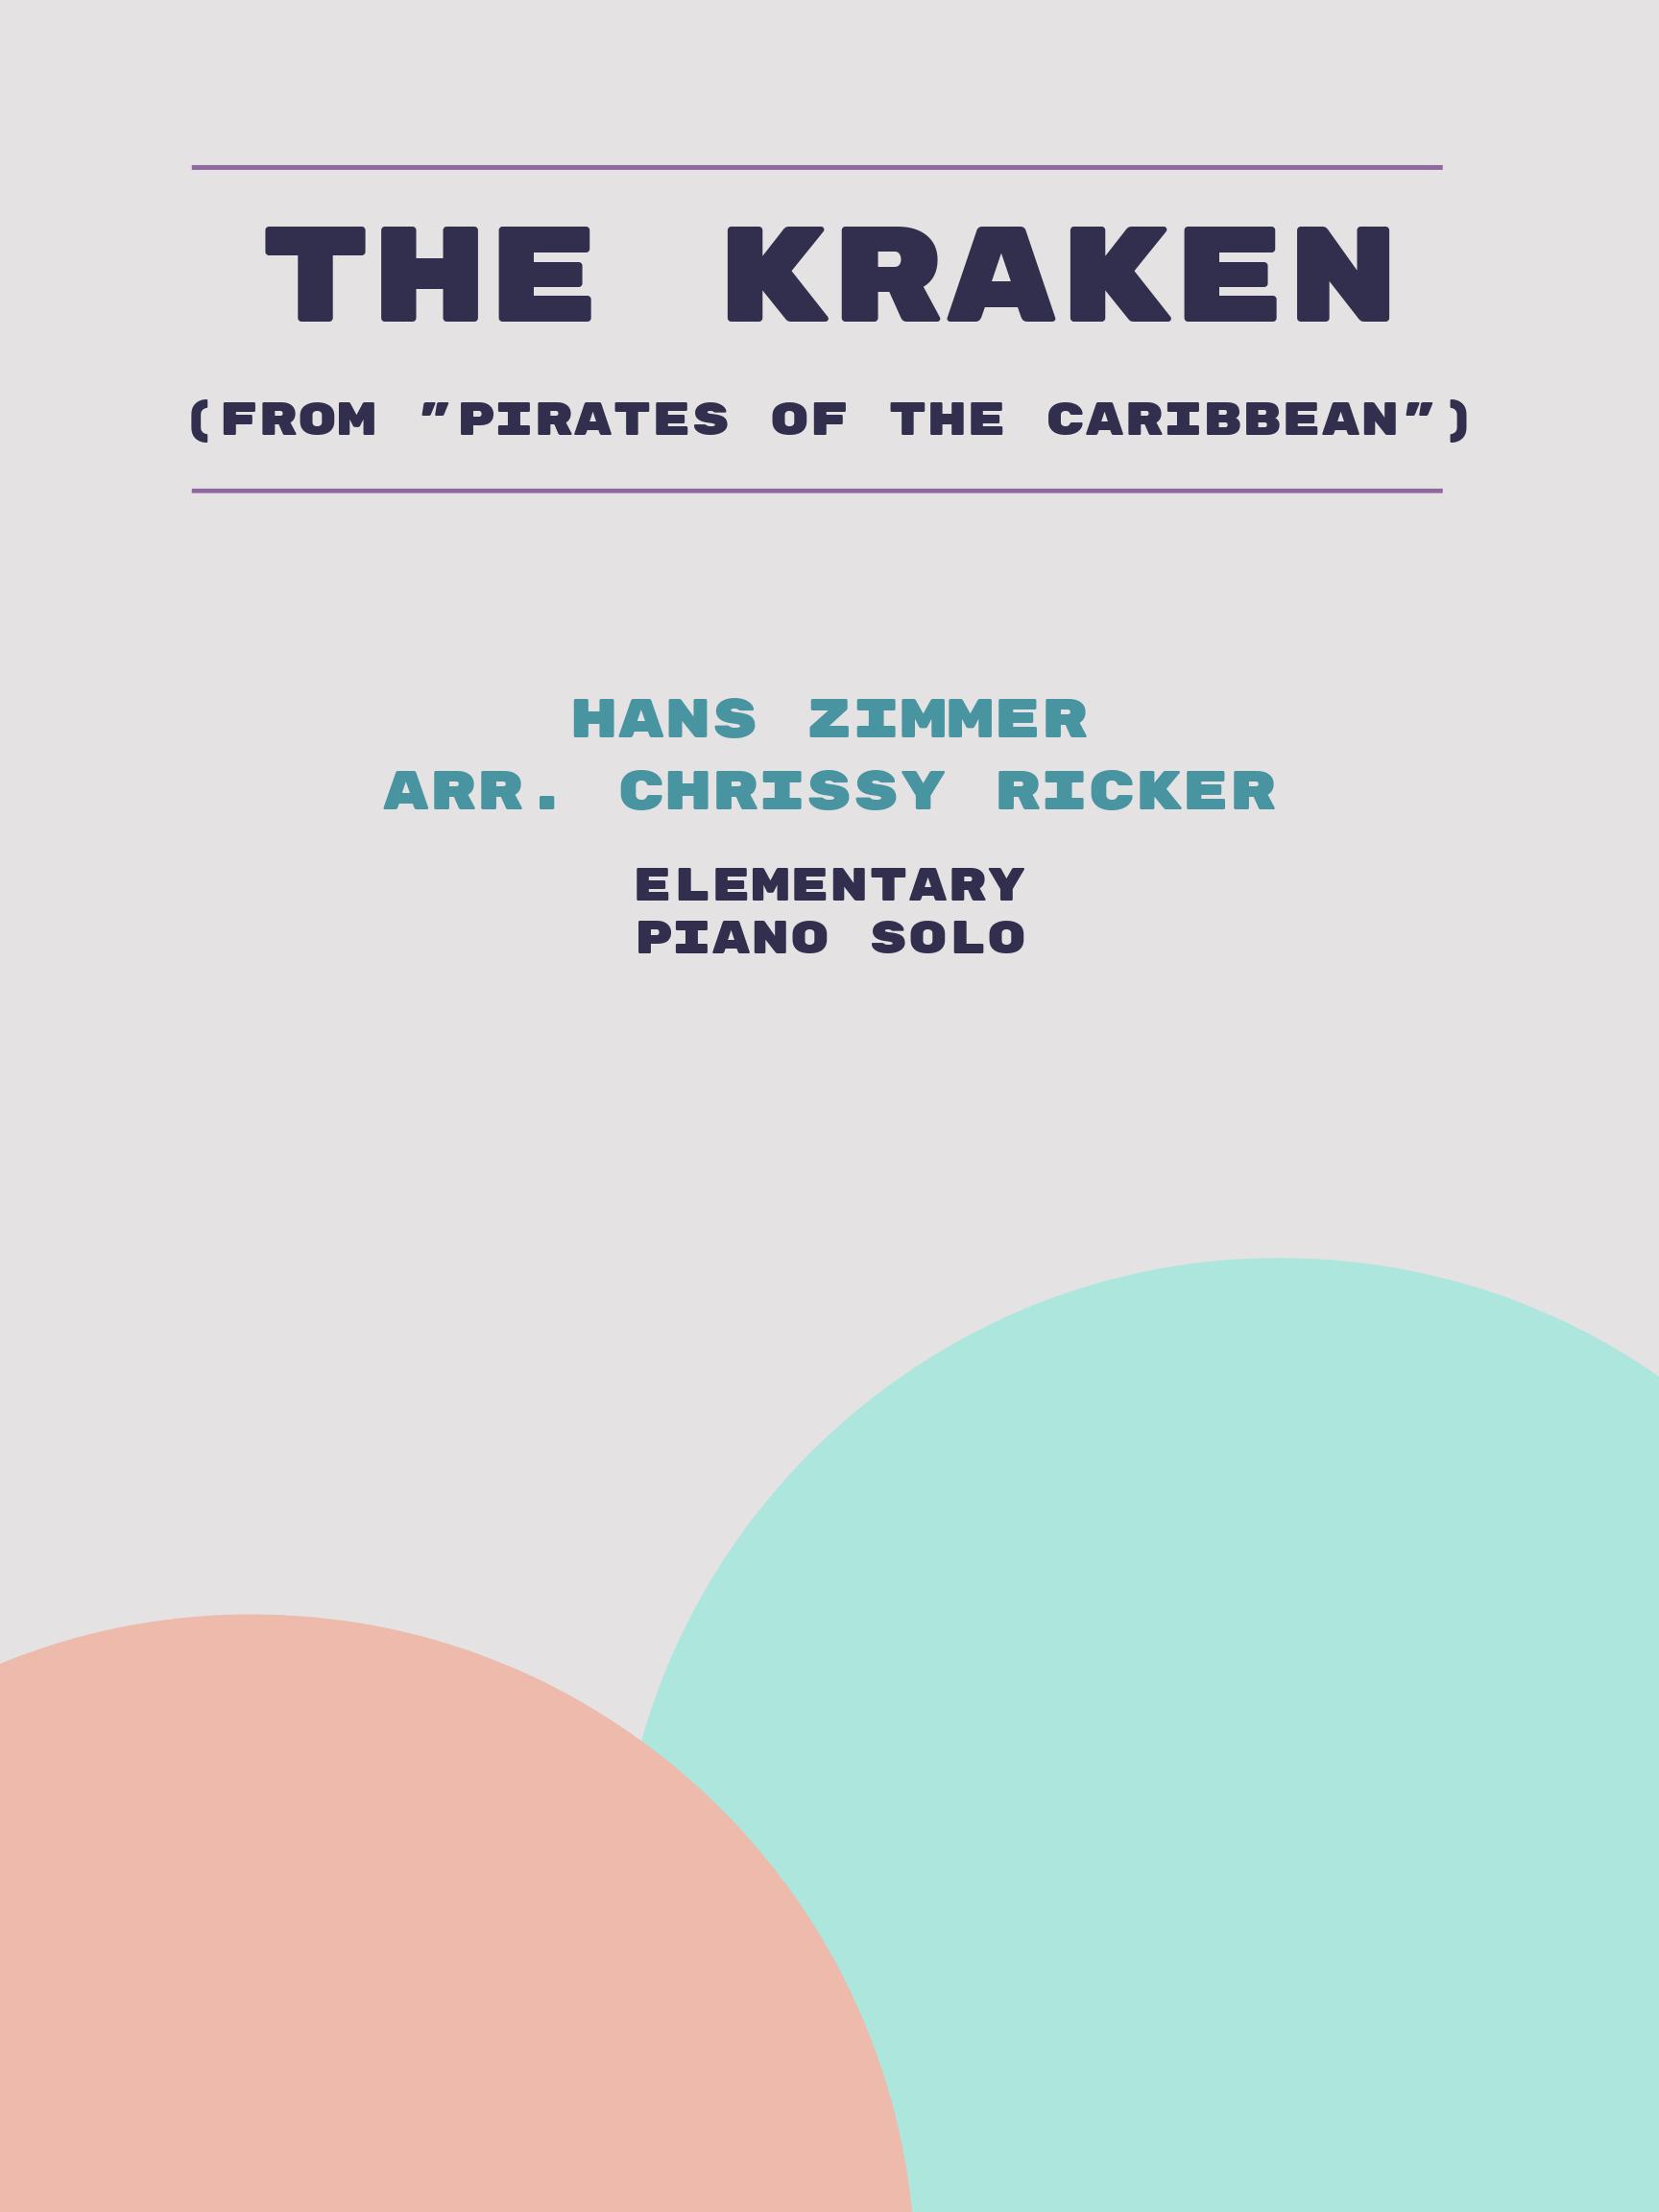 The Kraken by Hans Zimmer